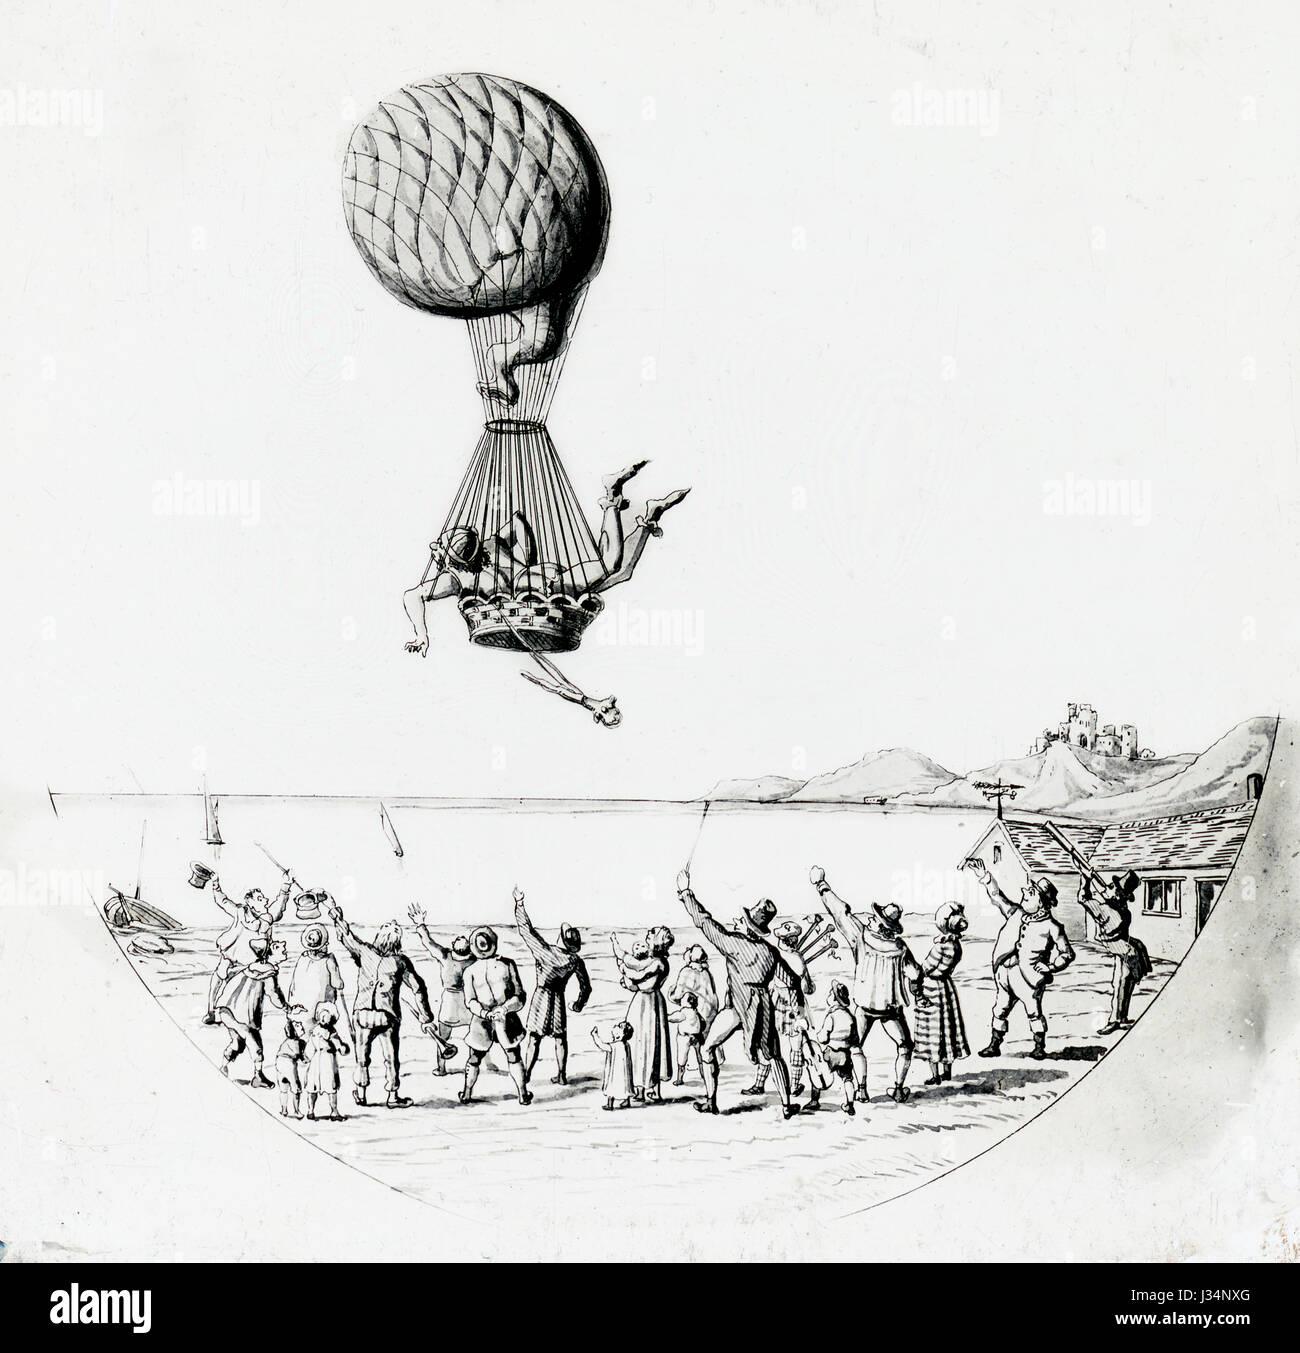 Antique c1800 immagine, un uomo di prendere il volo in mongolfiera, il picchetto e il cavo in ritardo, come la folla Immagini Stock